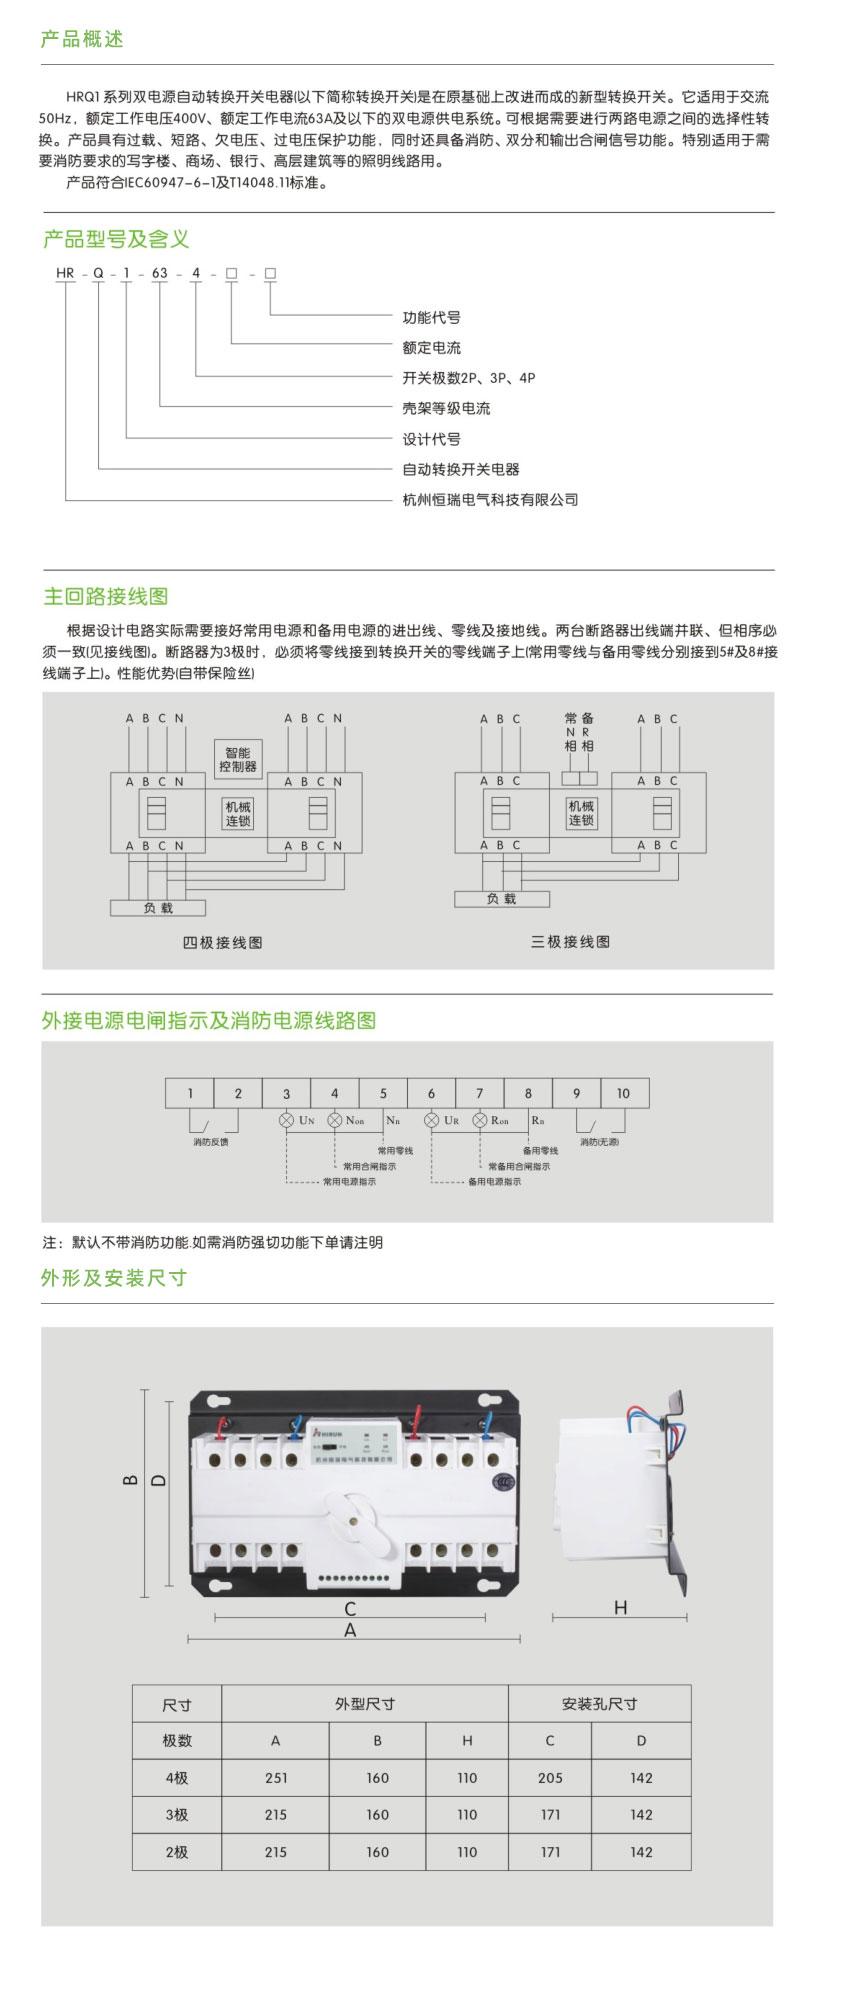 04_1_detail_HRQ1-63系列双电源自动转换开关(CB级微断型).jpg